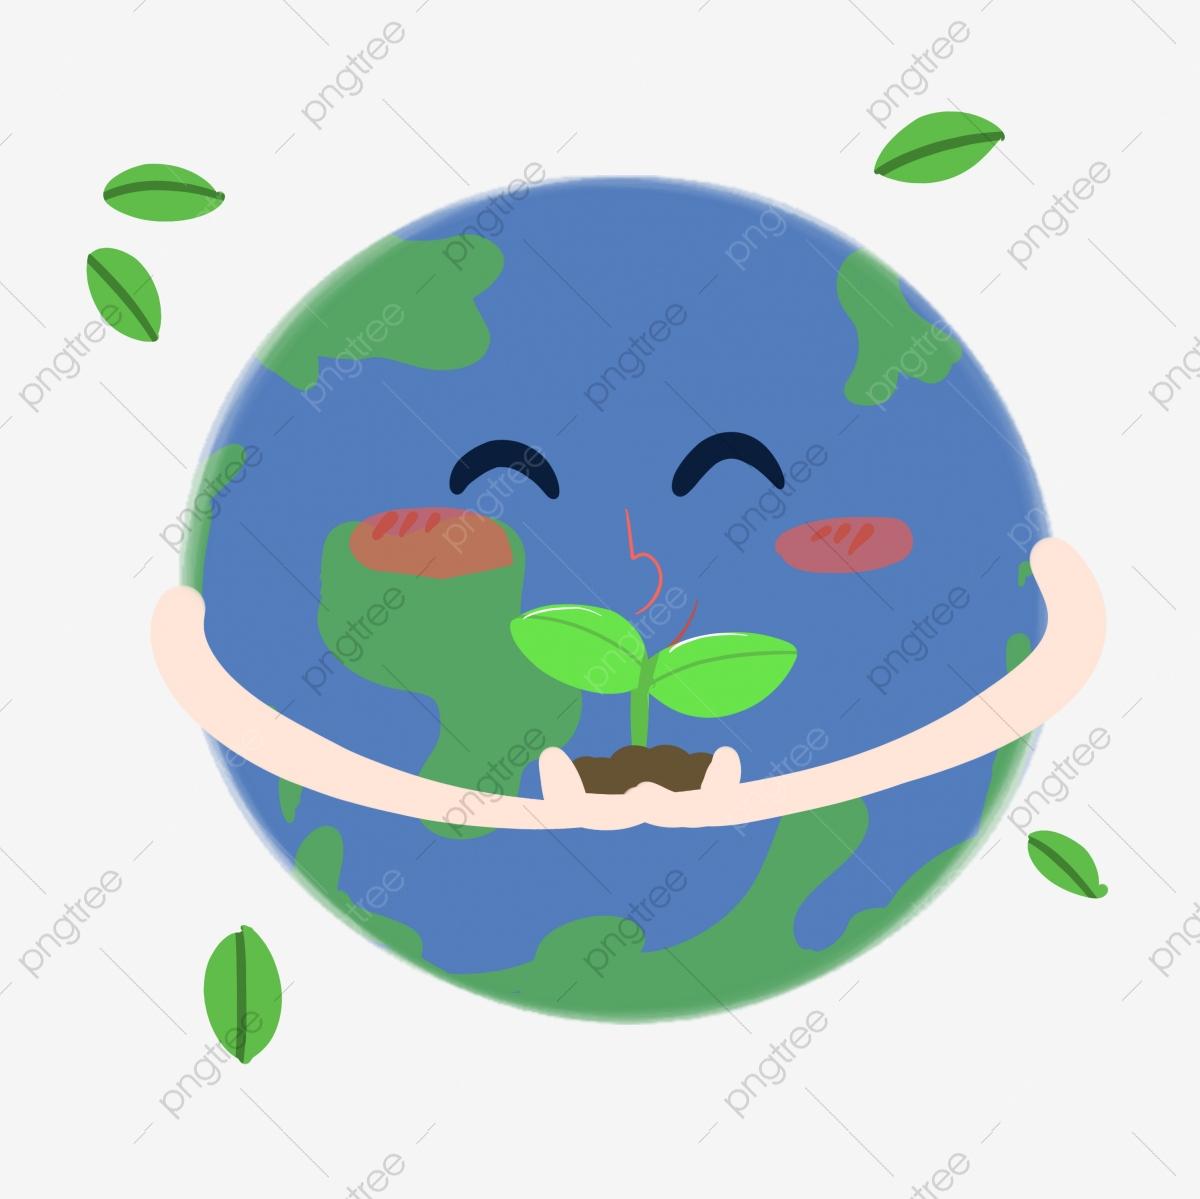 Jour De La Terre Dessin Animé Terre De Dessin Animé Terre intérieur Image De La Terre Dessin